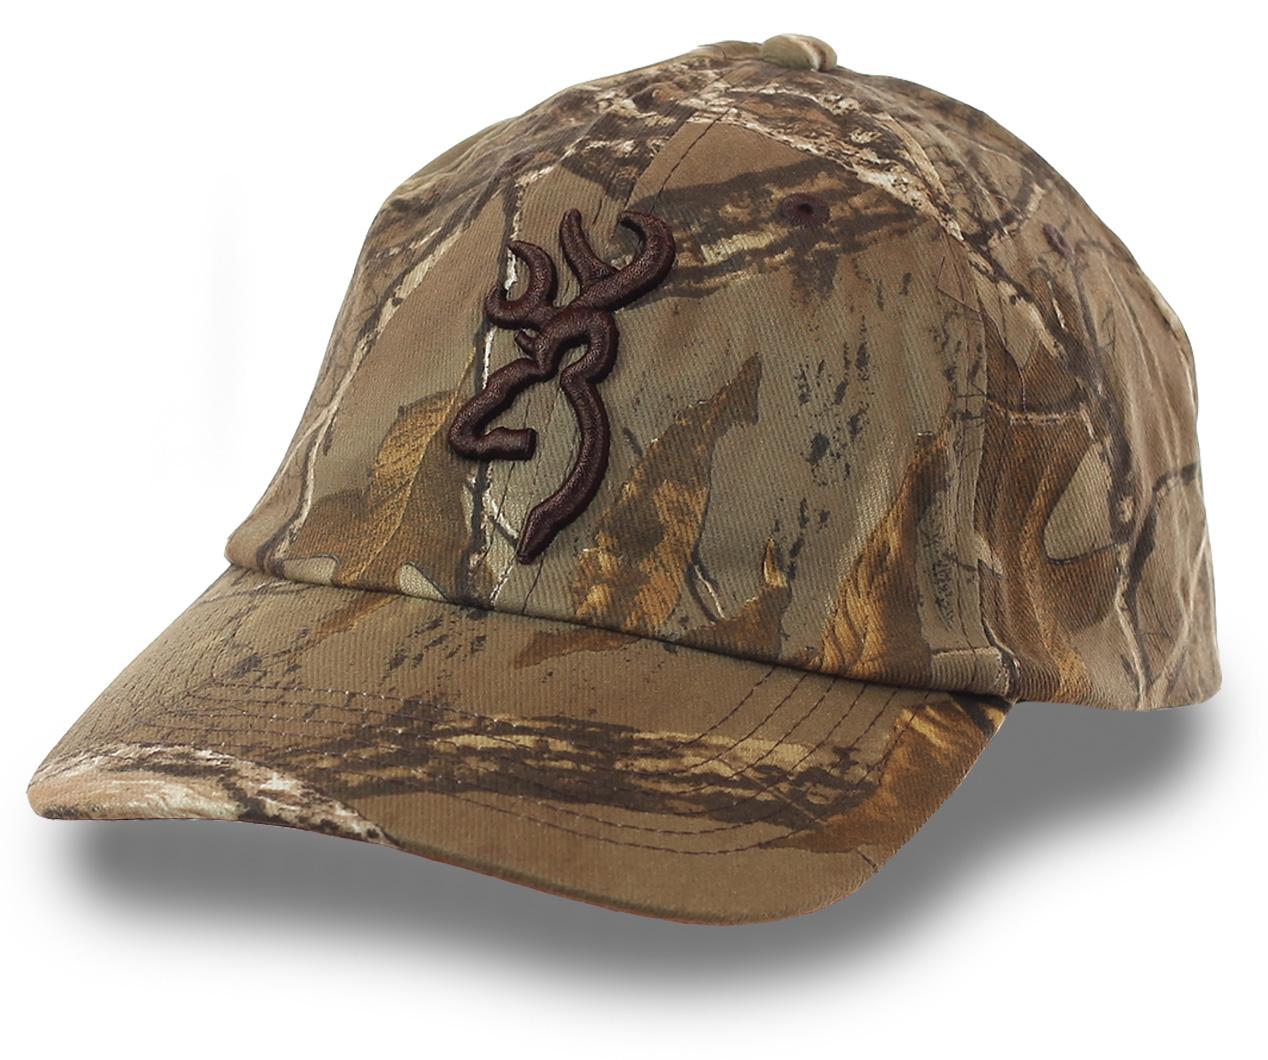 Бейсболка культового бренда BROWNING – модель, завоевавшая признание профессиональных охотников и туристов со всего мира. Гарантия универсальности и долгого срока службы